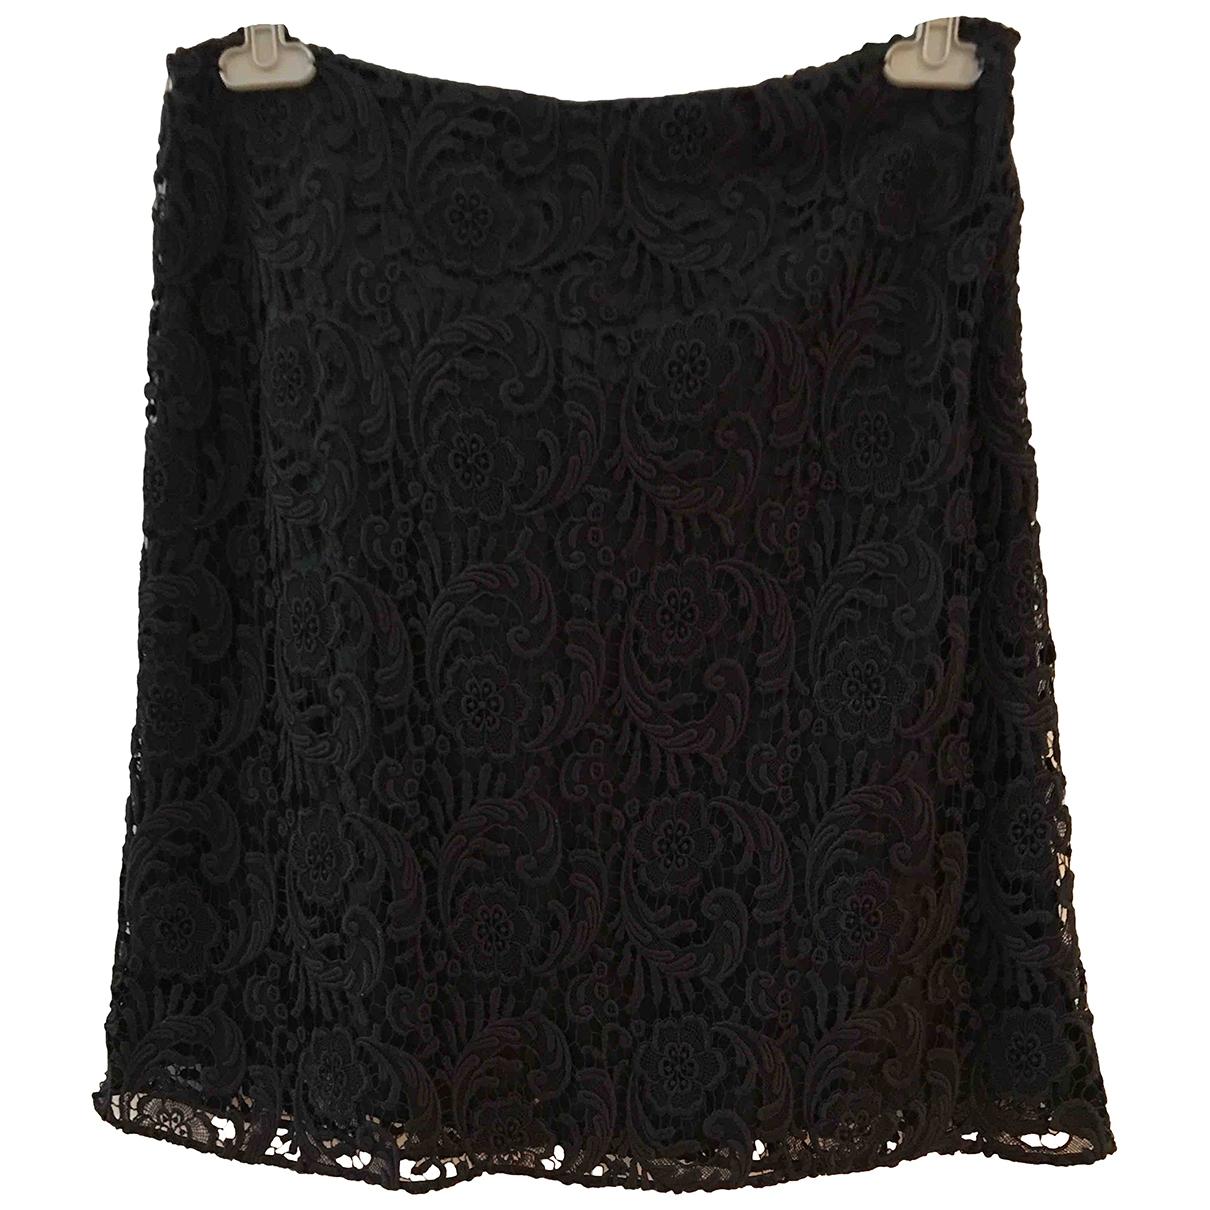 Prada \N Black Cotton skirt for Women 44 IT